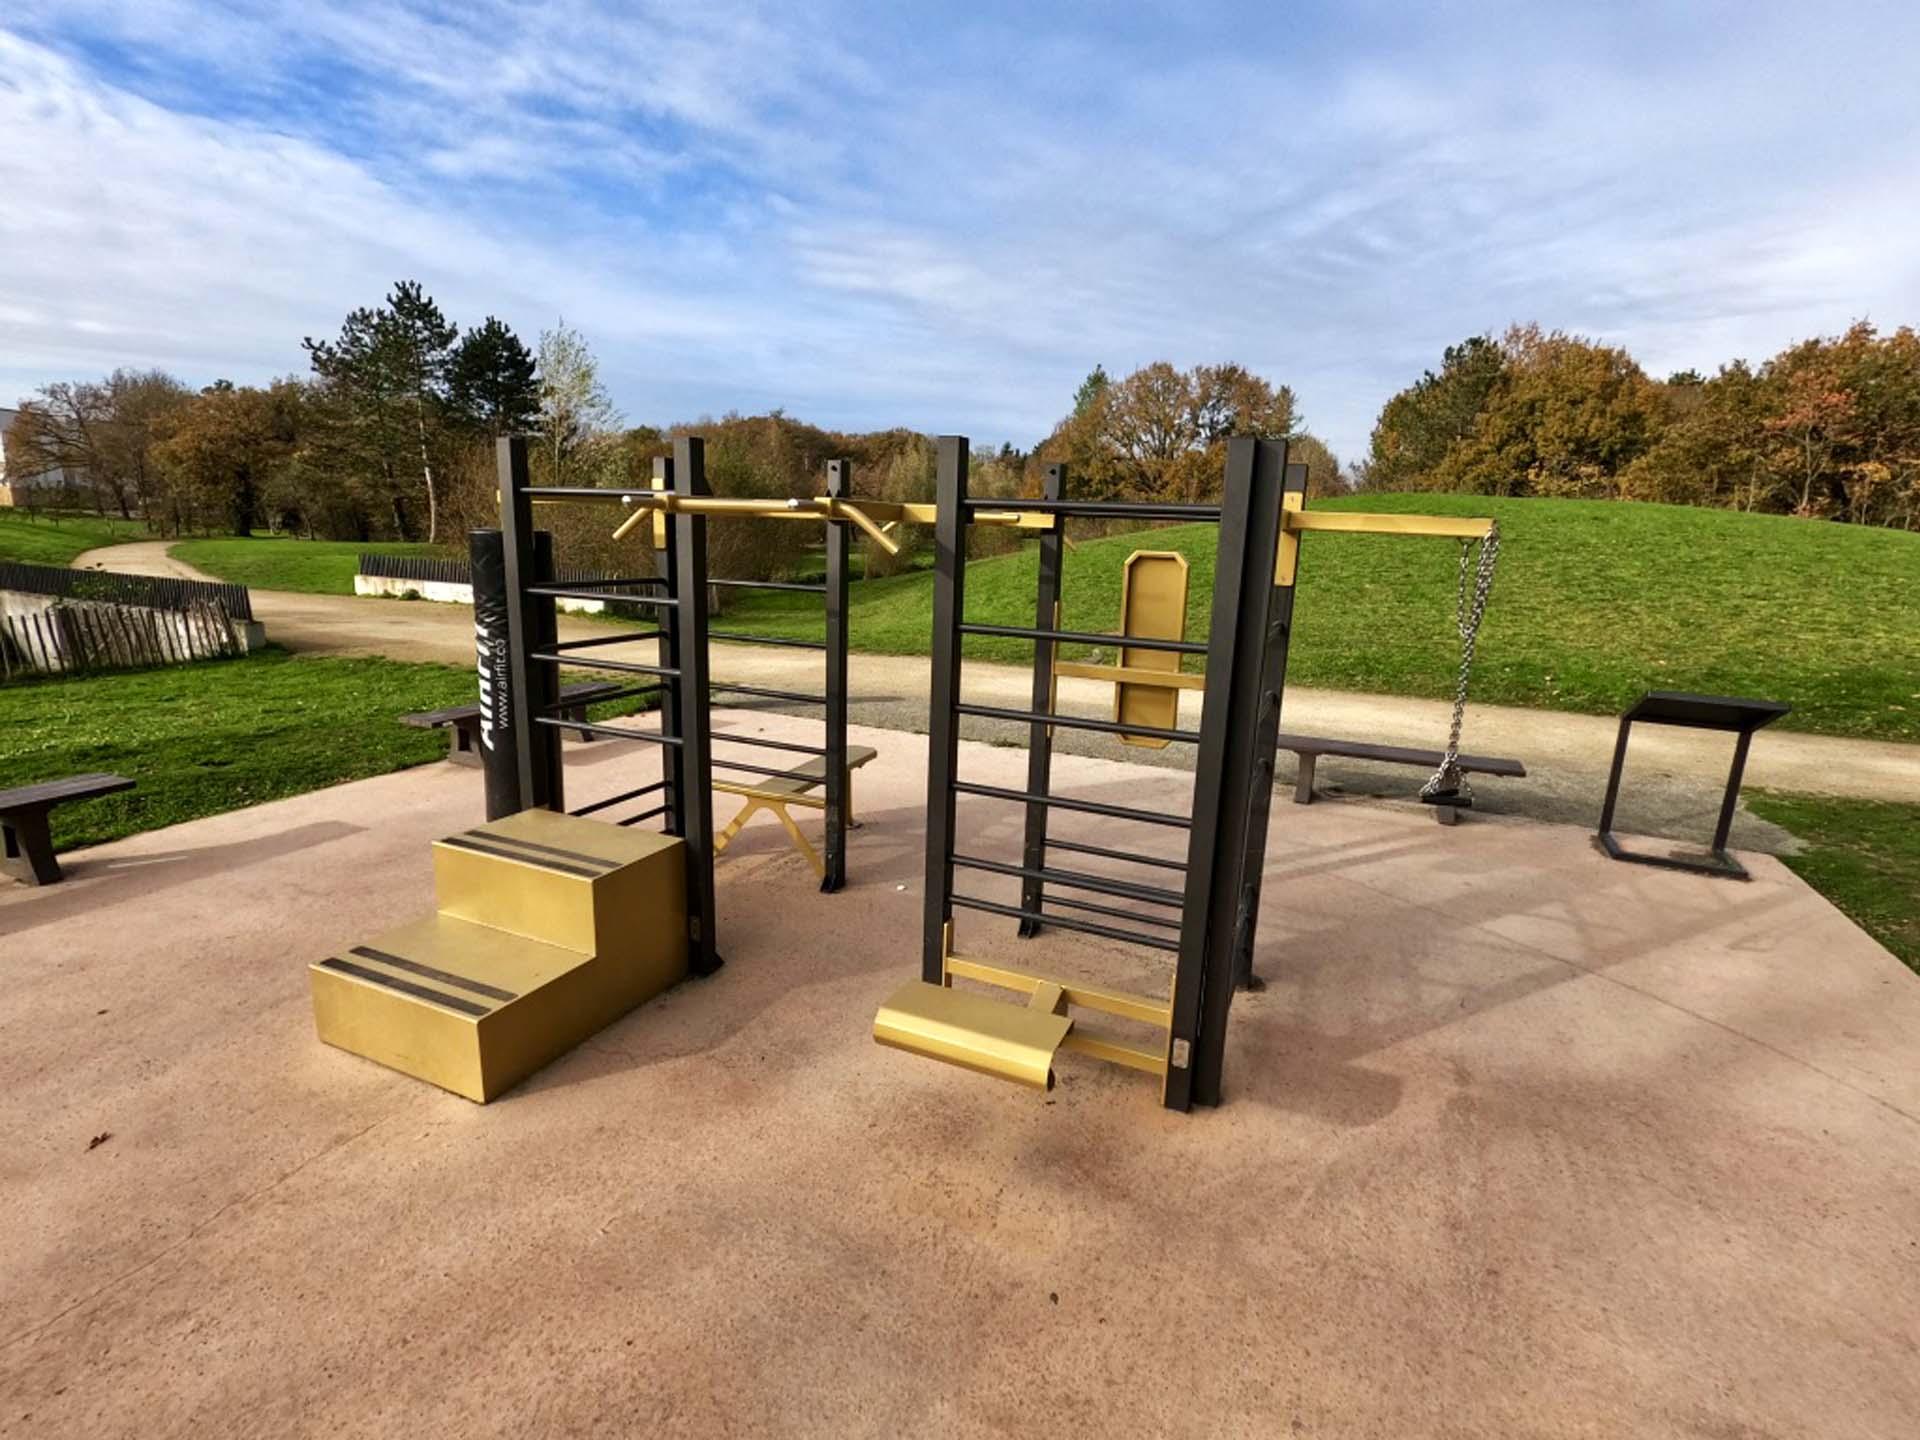 Photo des agrès de fitness du Parc des Loisirs de Chartres de Bretagne